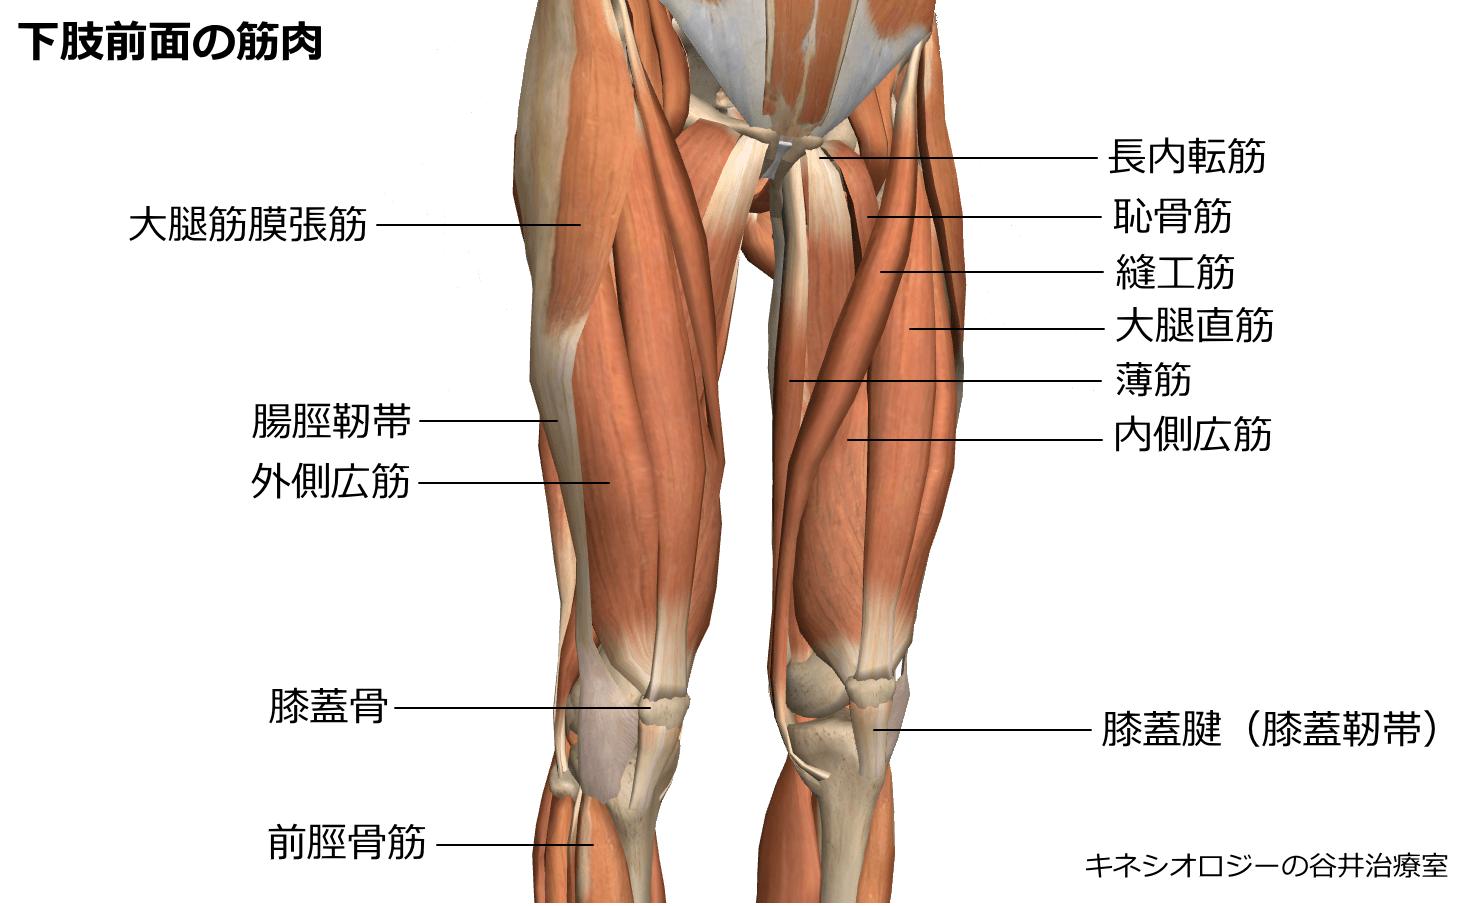 札幌整体膝関節痛治療院 谷井治療室 下肢前面筋